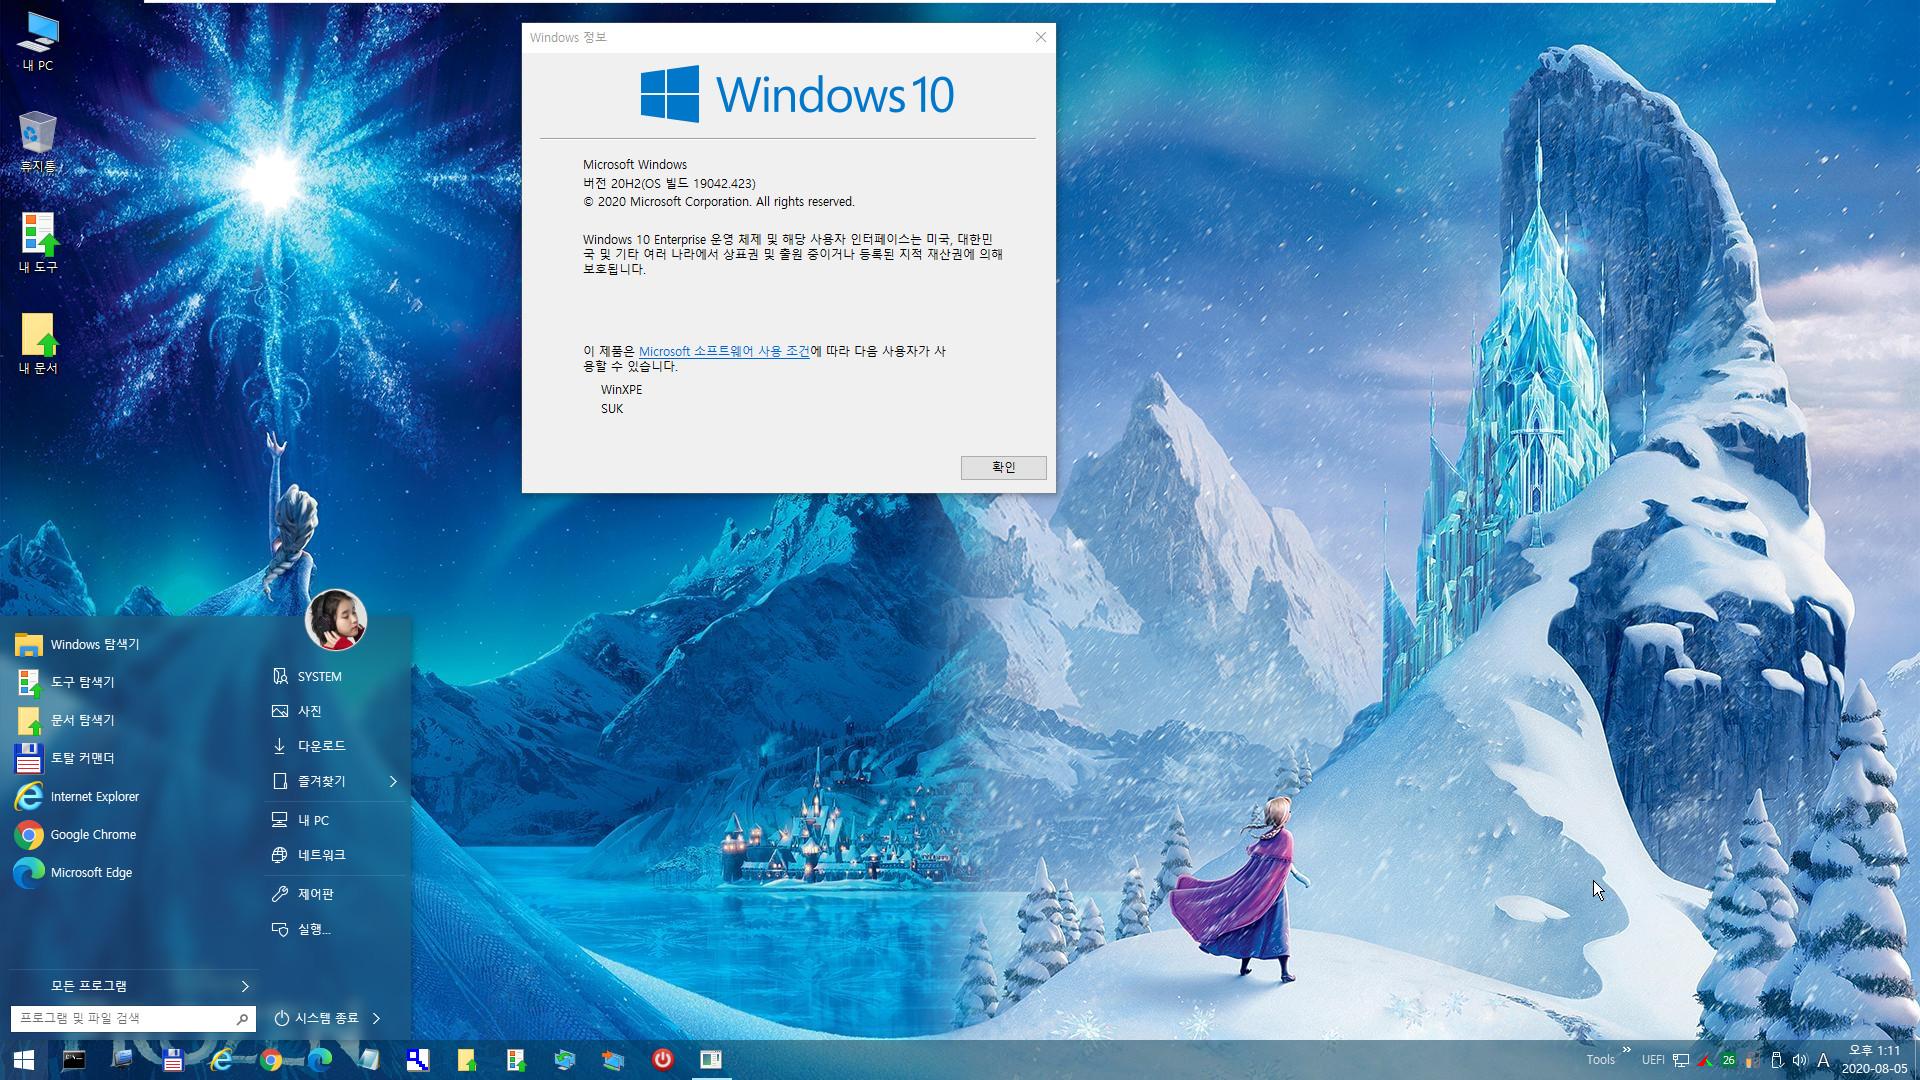 2020-08-01일자 수시 업데이트 통합 - Windows 10 버전 2004 + 버전 20H2 누적 업데이트 KB4568831 (OS 빌드 19041.423 + 19042.423) -  PE 만들기 테스트 2020-08-05_131157.jpg